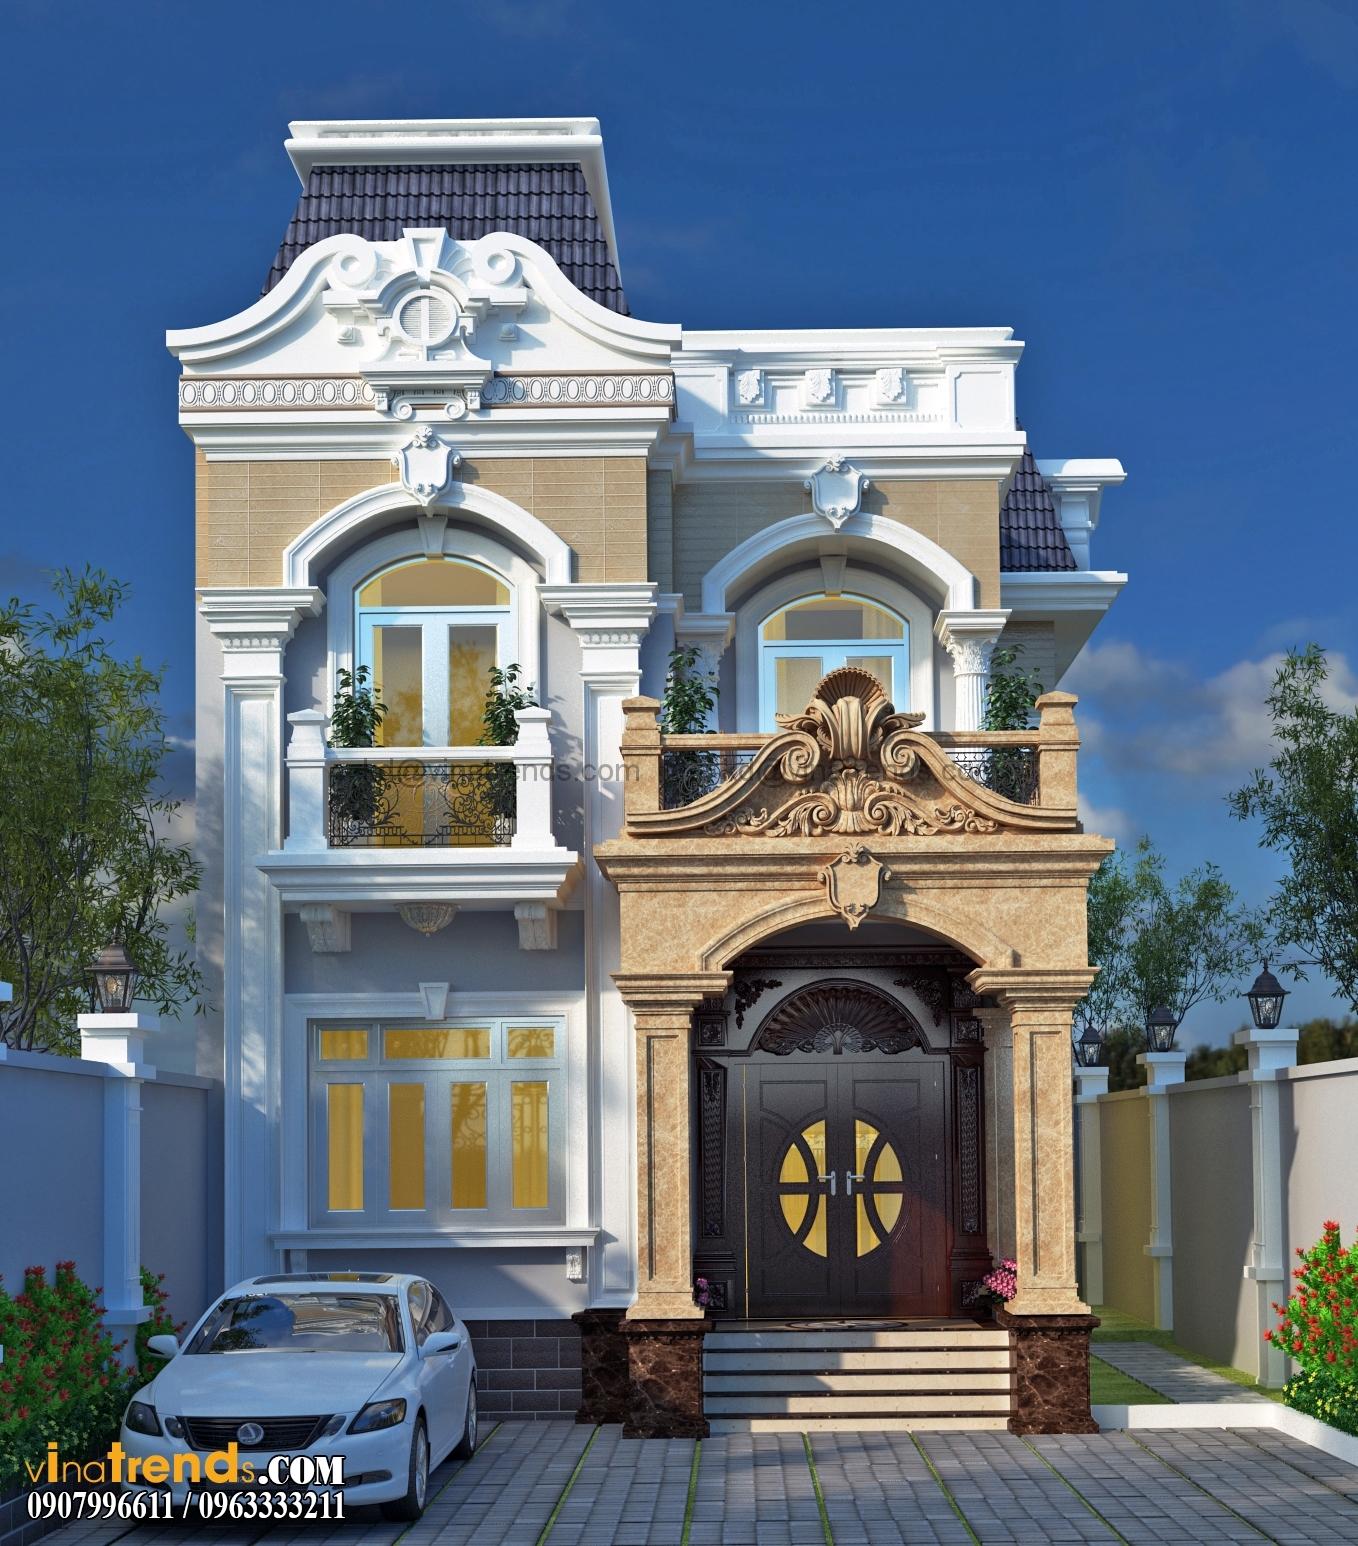 biet thu co dien 3 tang 4 Mẫu biệt thự 2 tầng 7x19m tân cổ điển đẹp nhất con hẻm đường Phạm Văn Đồng ở Hồ Chí Minh